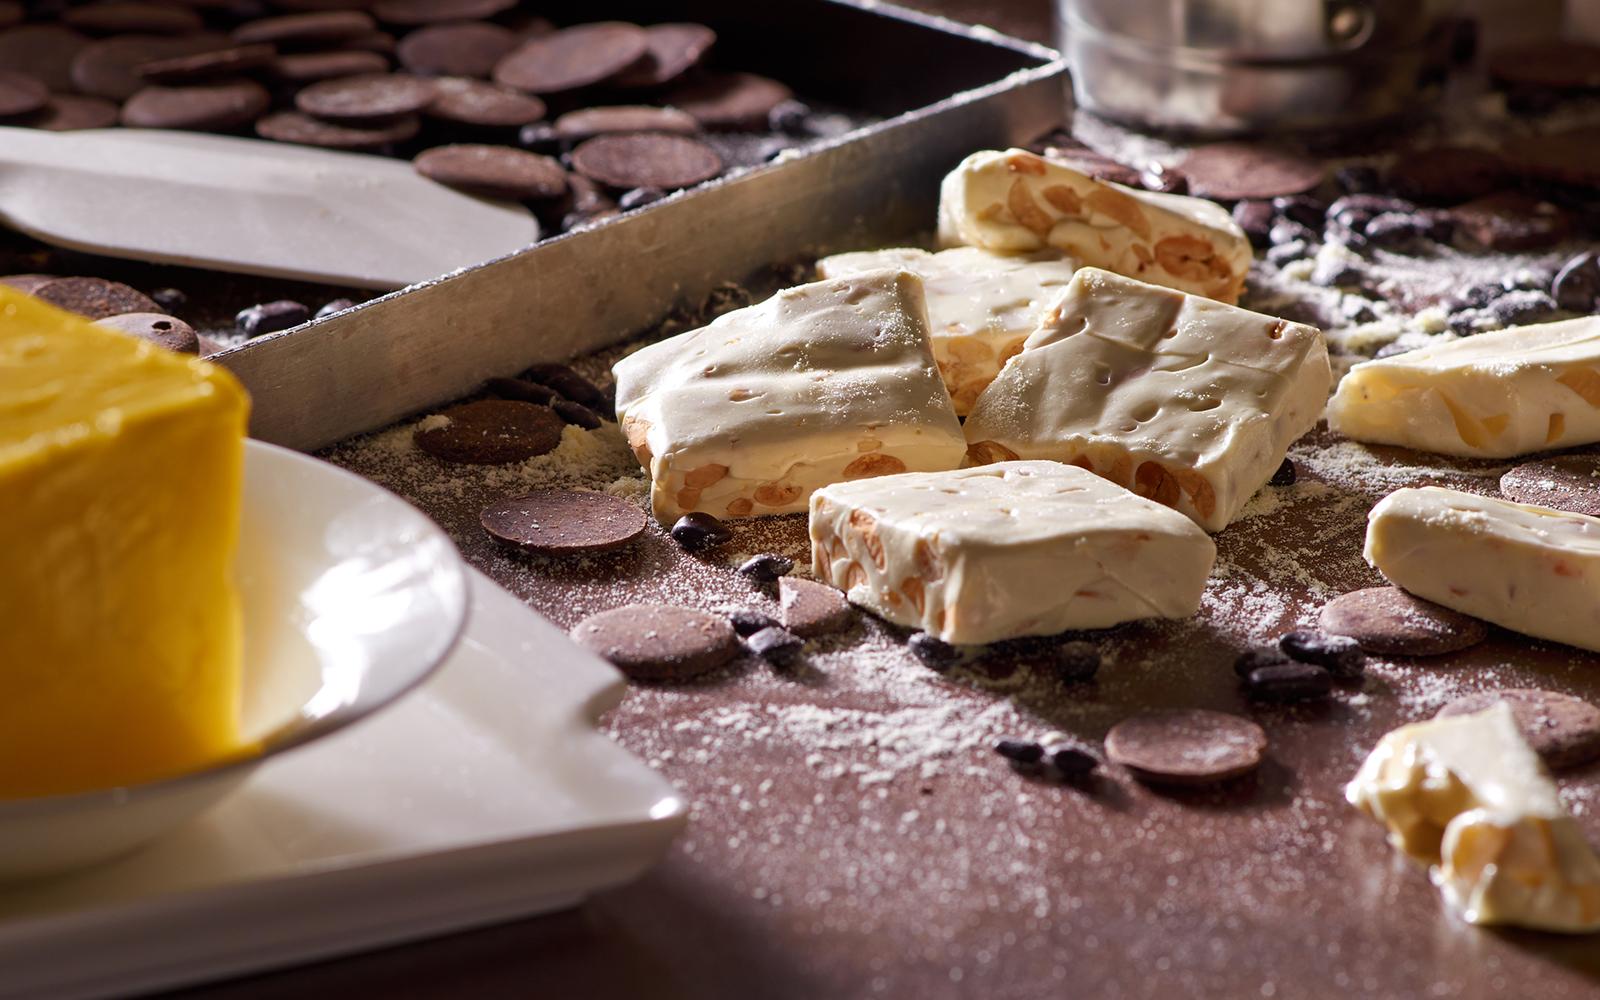 了解牛轧糖 为采用最顶级原料,纯手工制作的顶级牛轧糖.